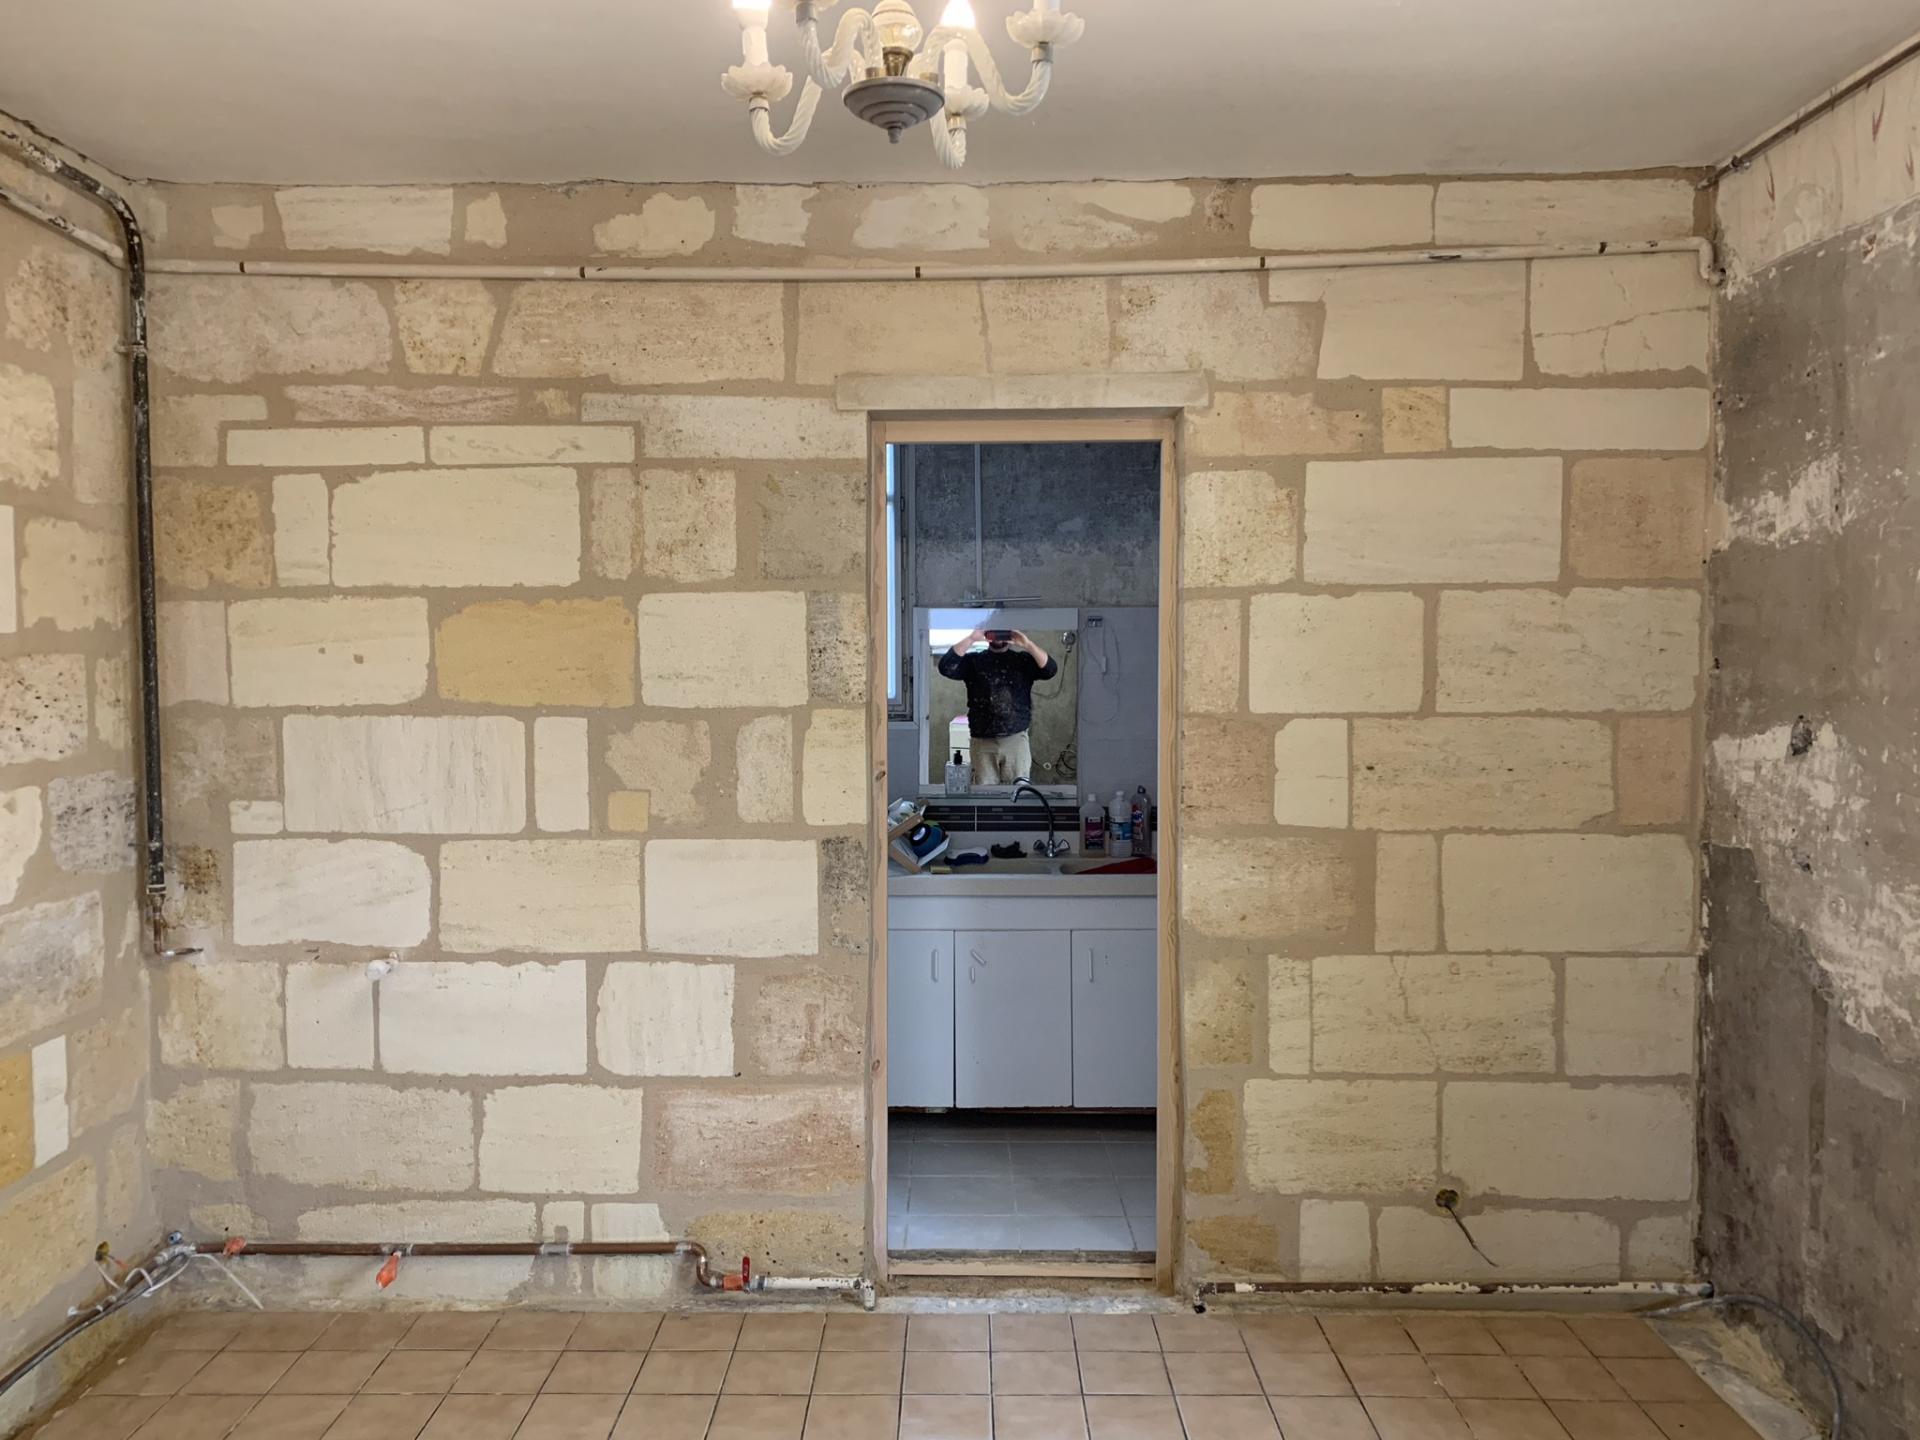 restauration mur intérieur